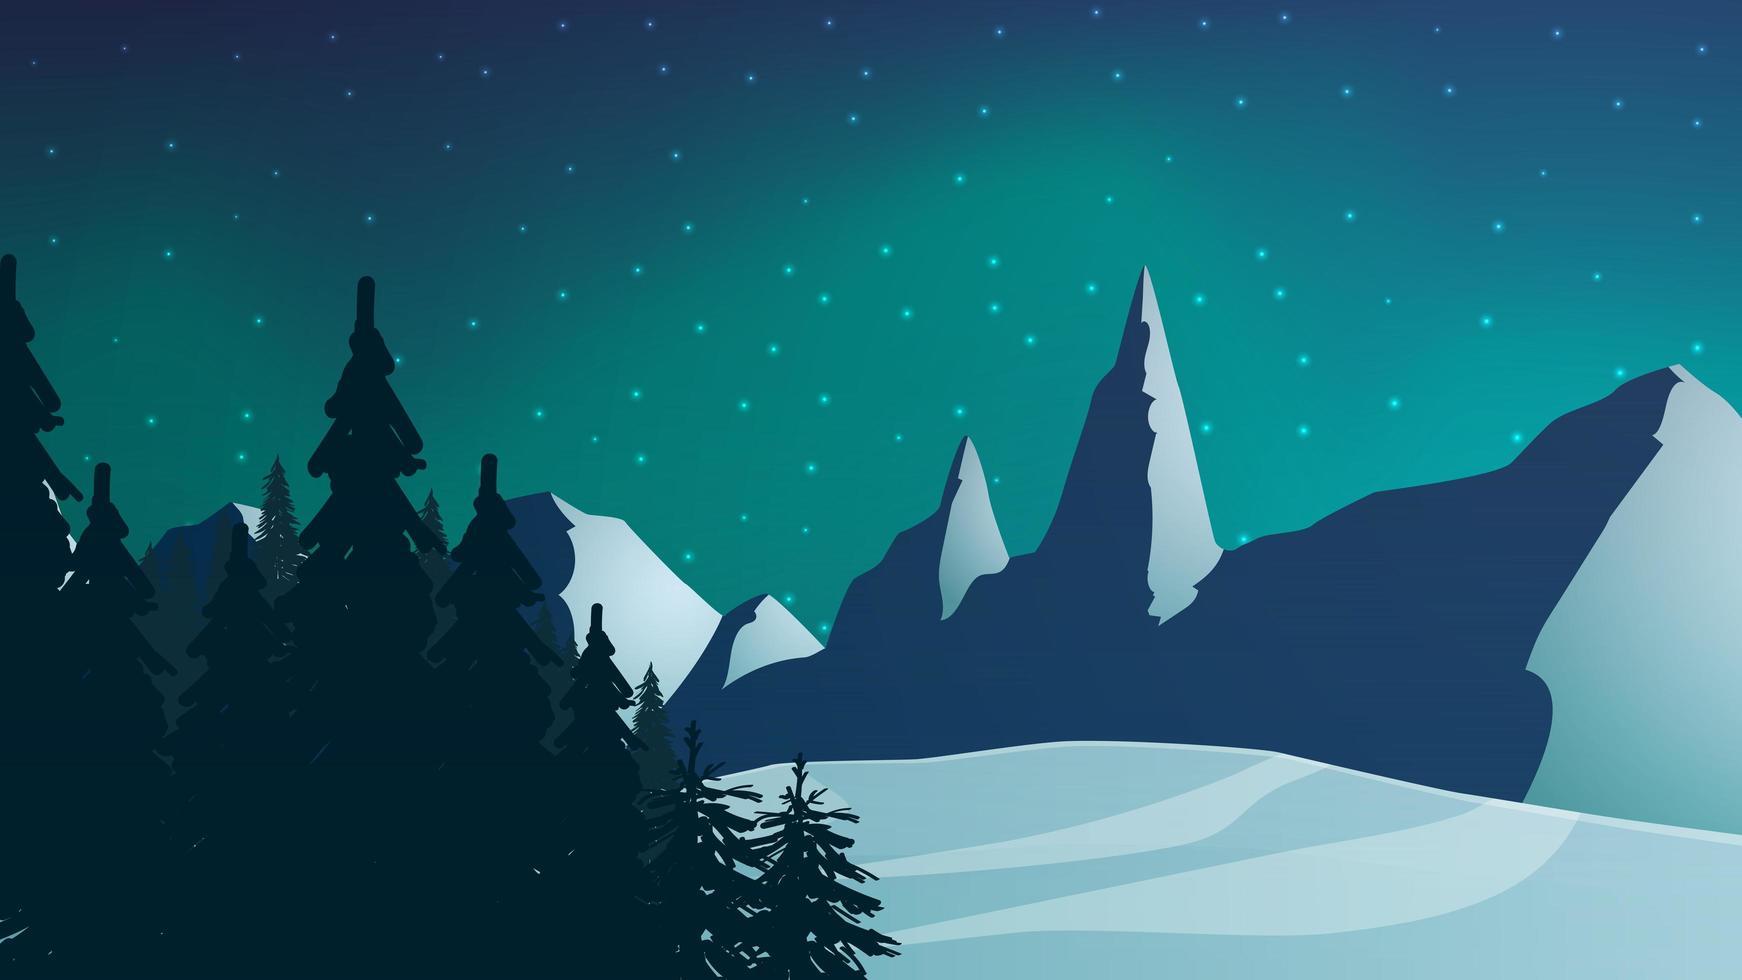 Winternachtlandschaft mit Wald und Bergen vektor